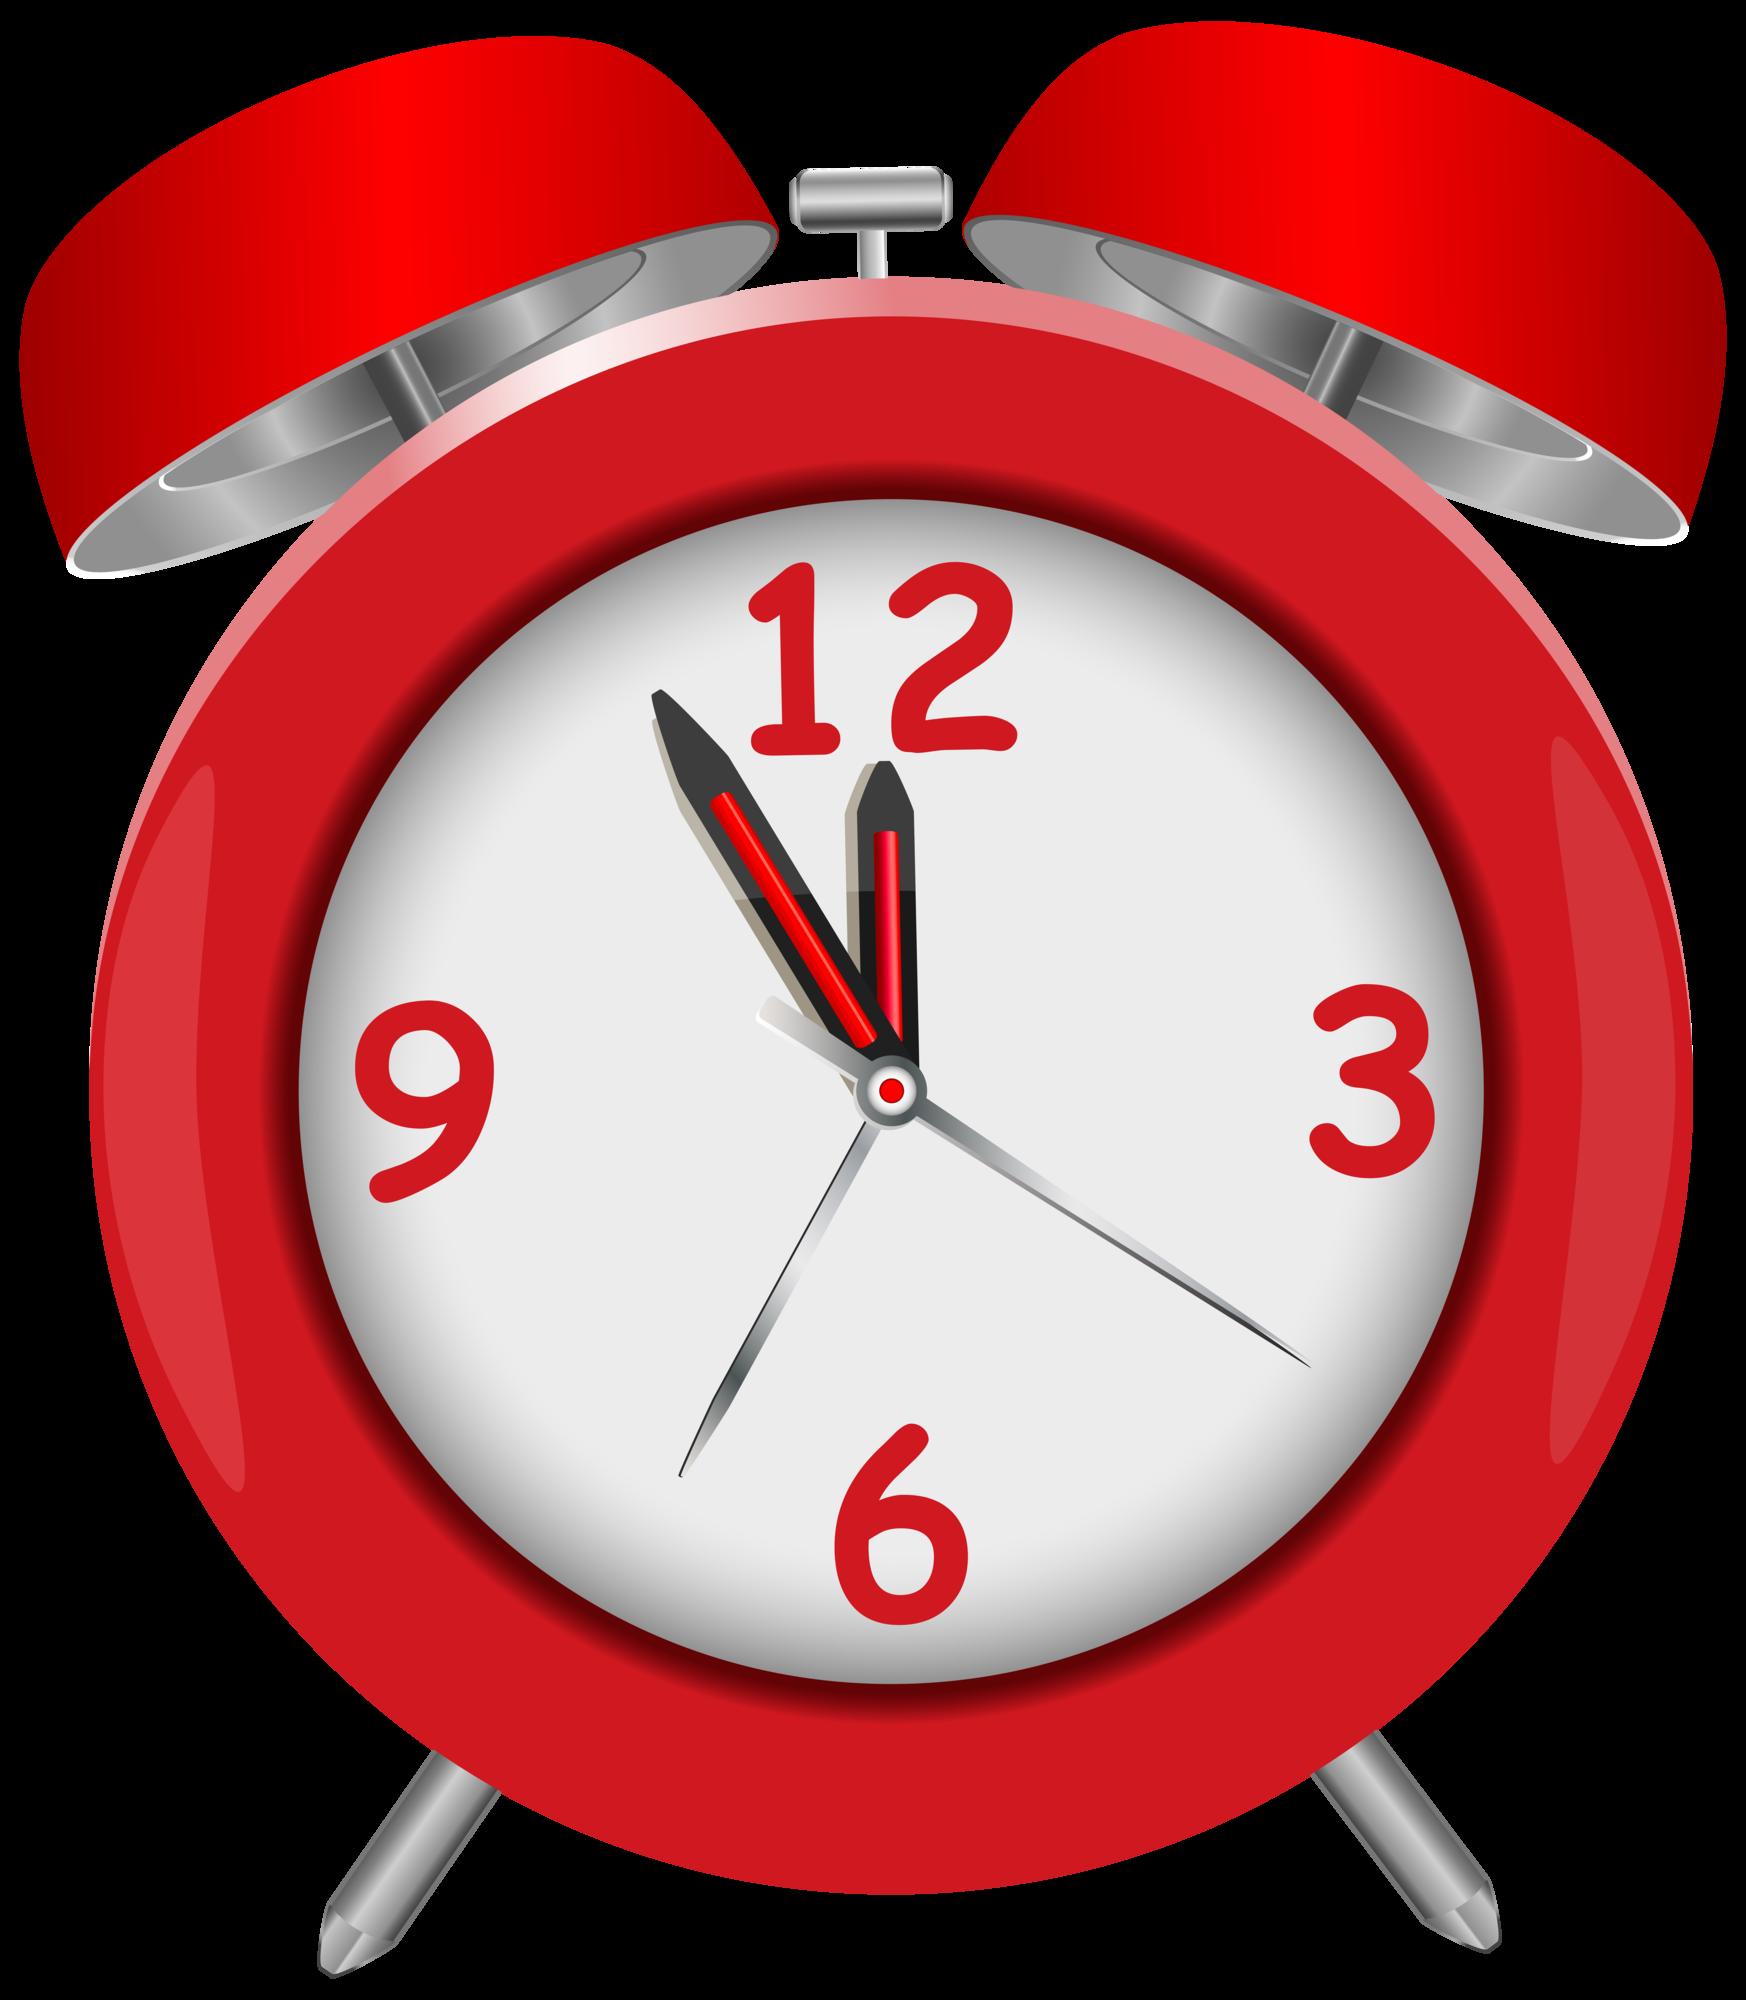 Clock Clipart PNG-PlusPNG.com-1746 - Clock Clipart PNG